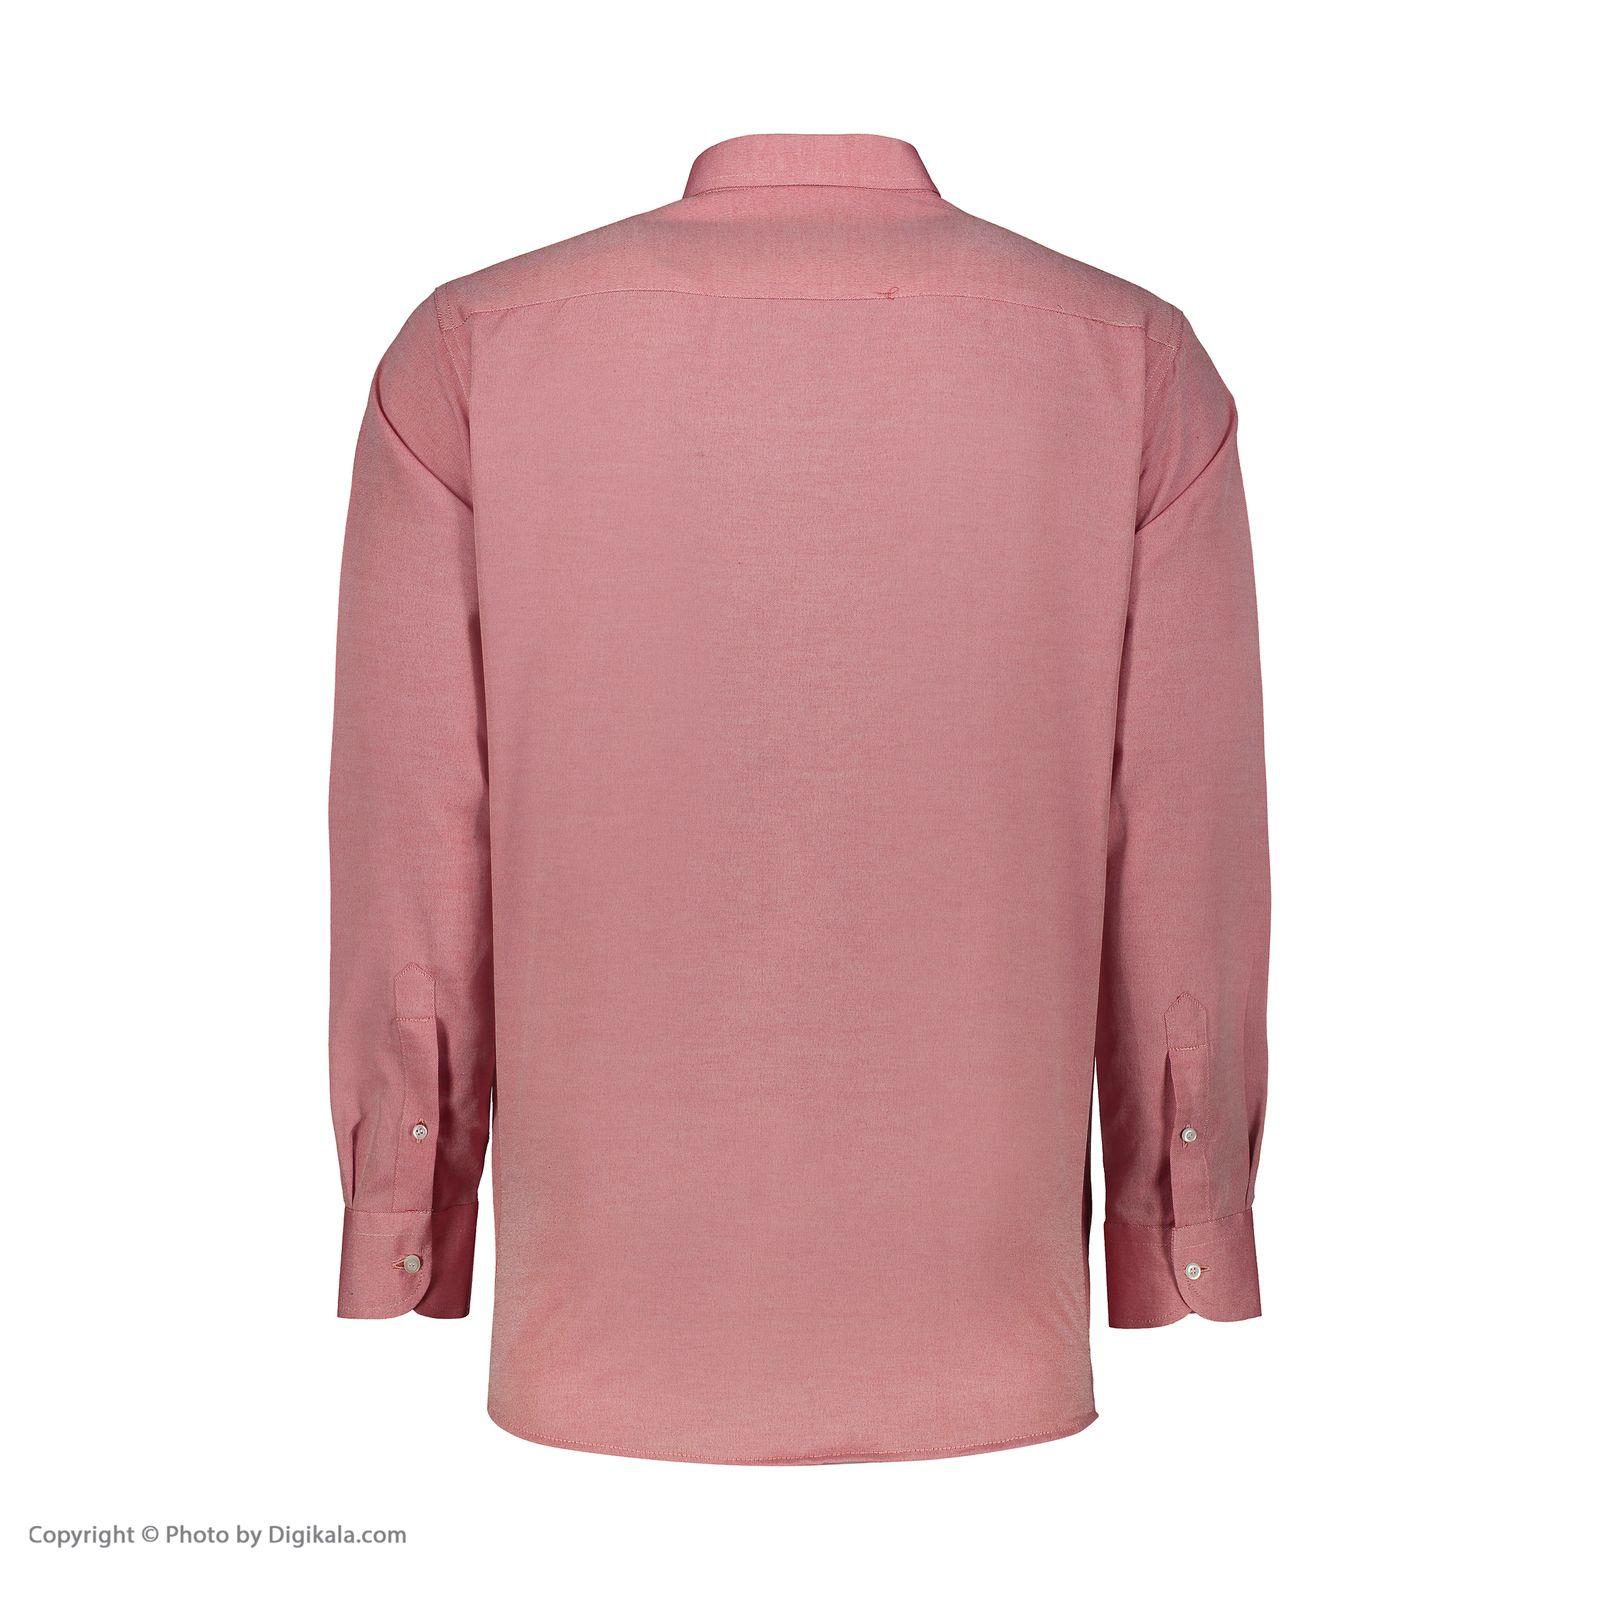 پیراهن مردانه زی مدل 153118680ML -  - 4